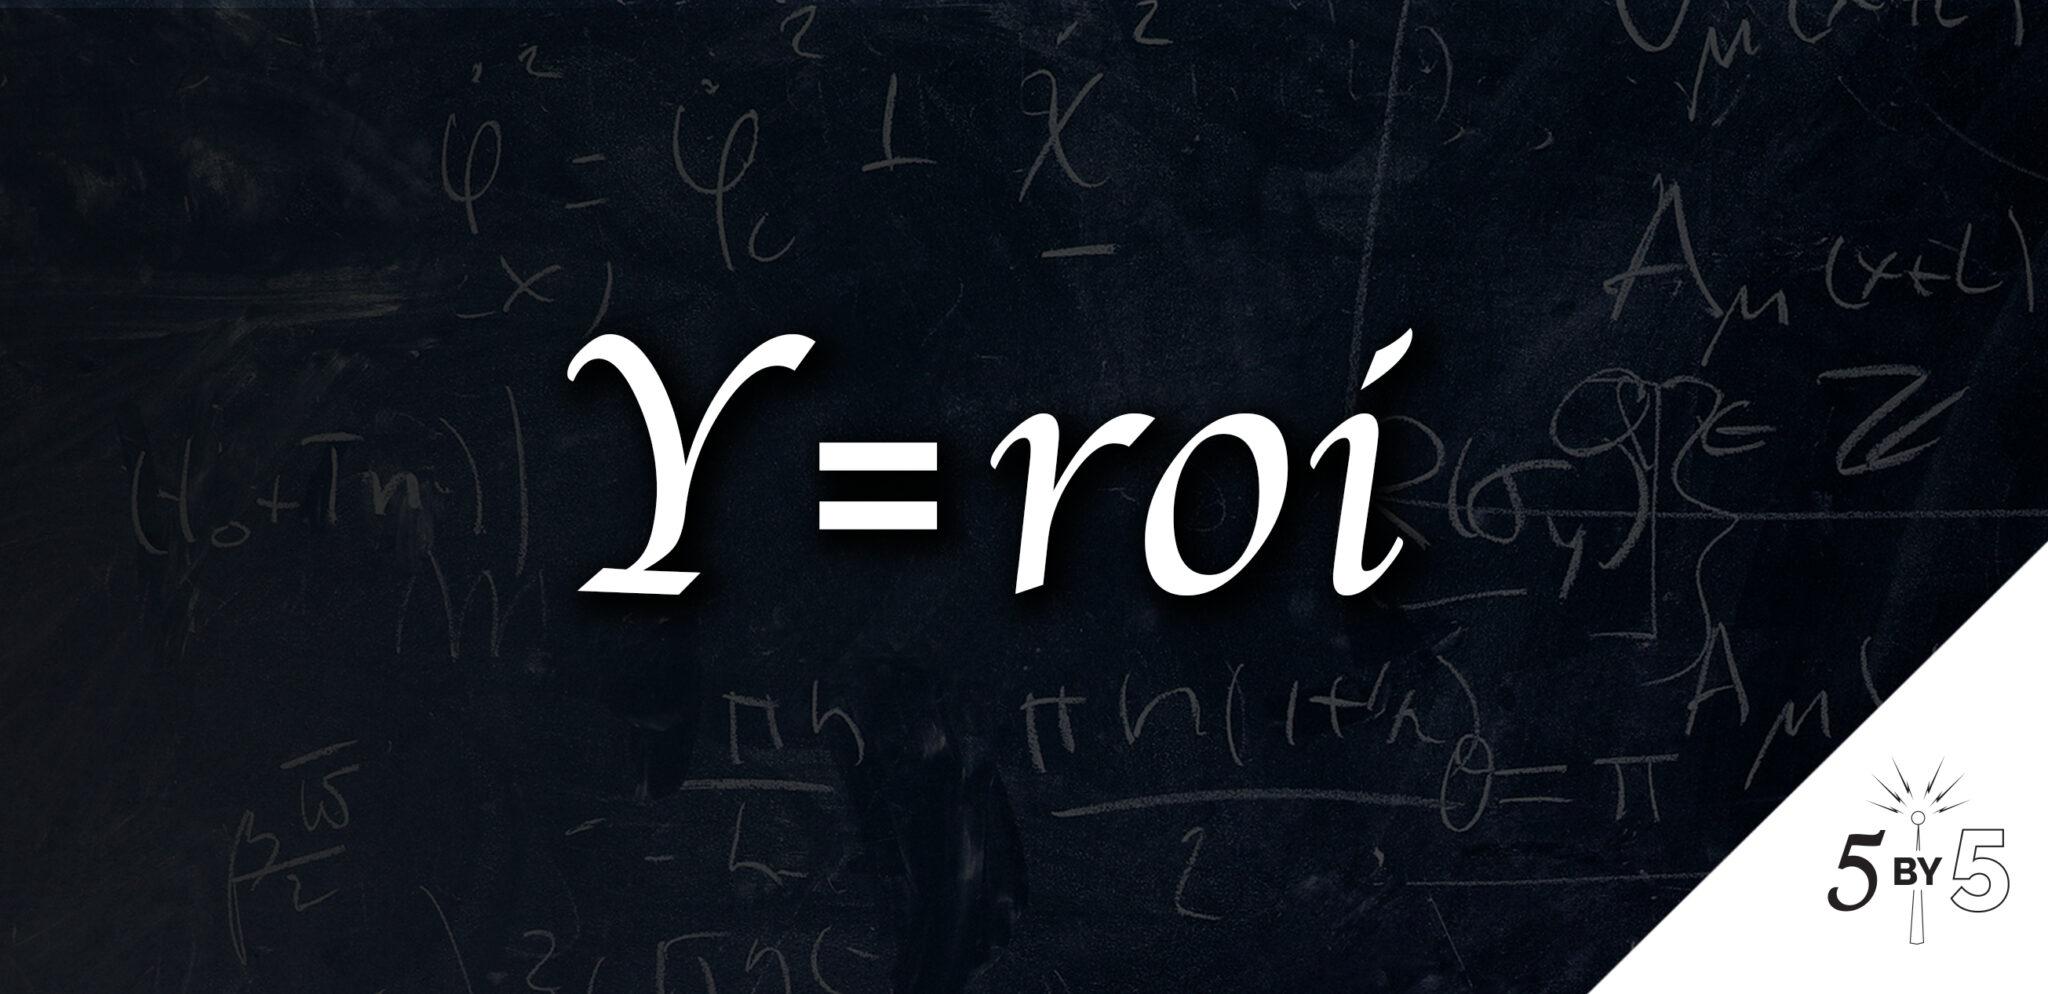 y=roi equation on chalkboard